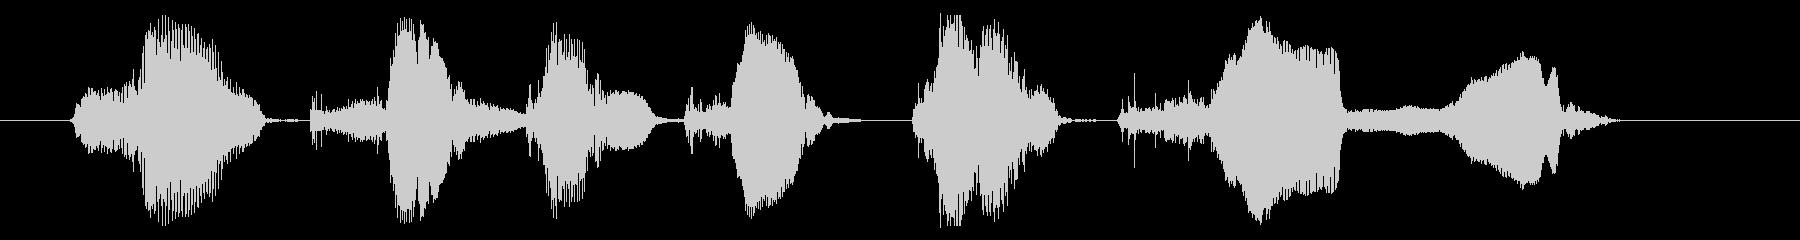 動画用面白声素材_ごきゅり_3の未再生の波形